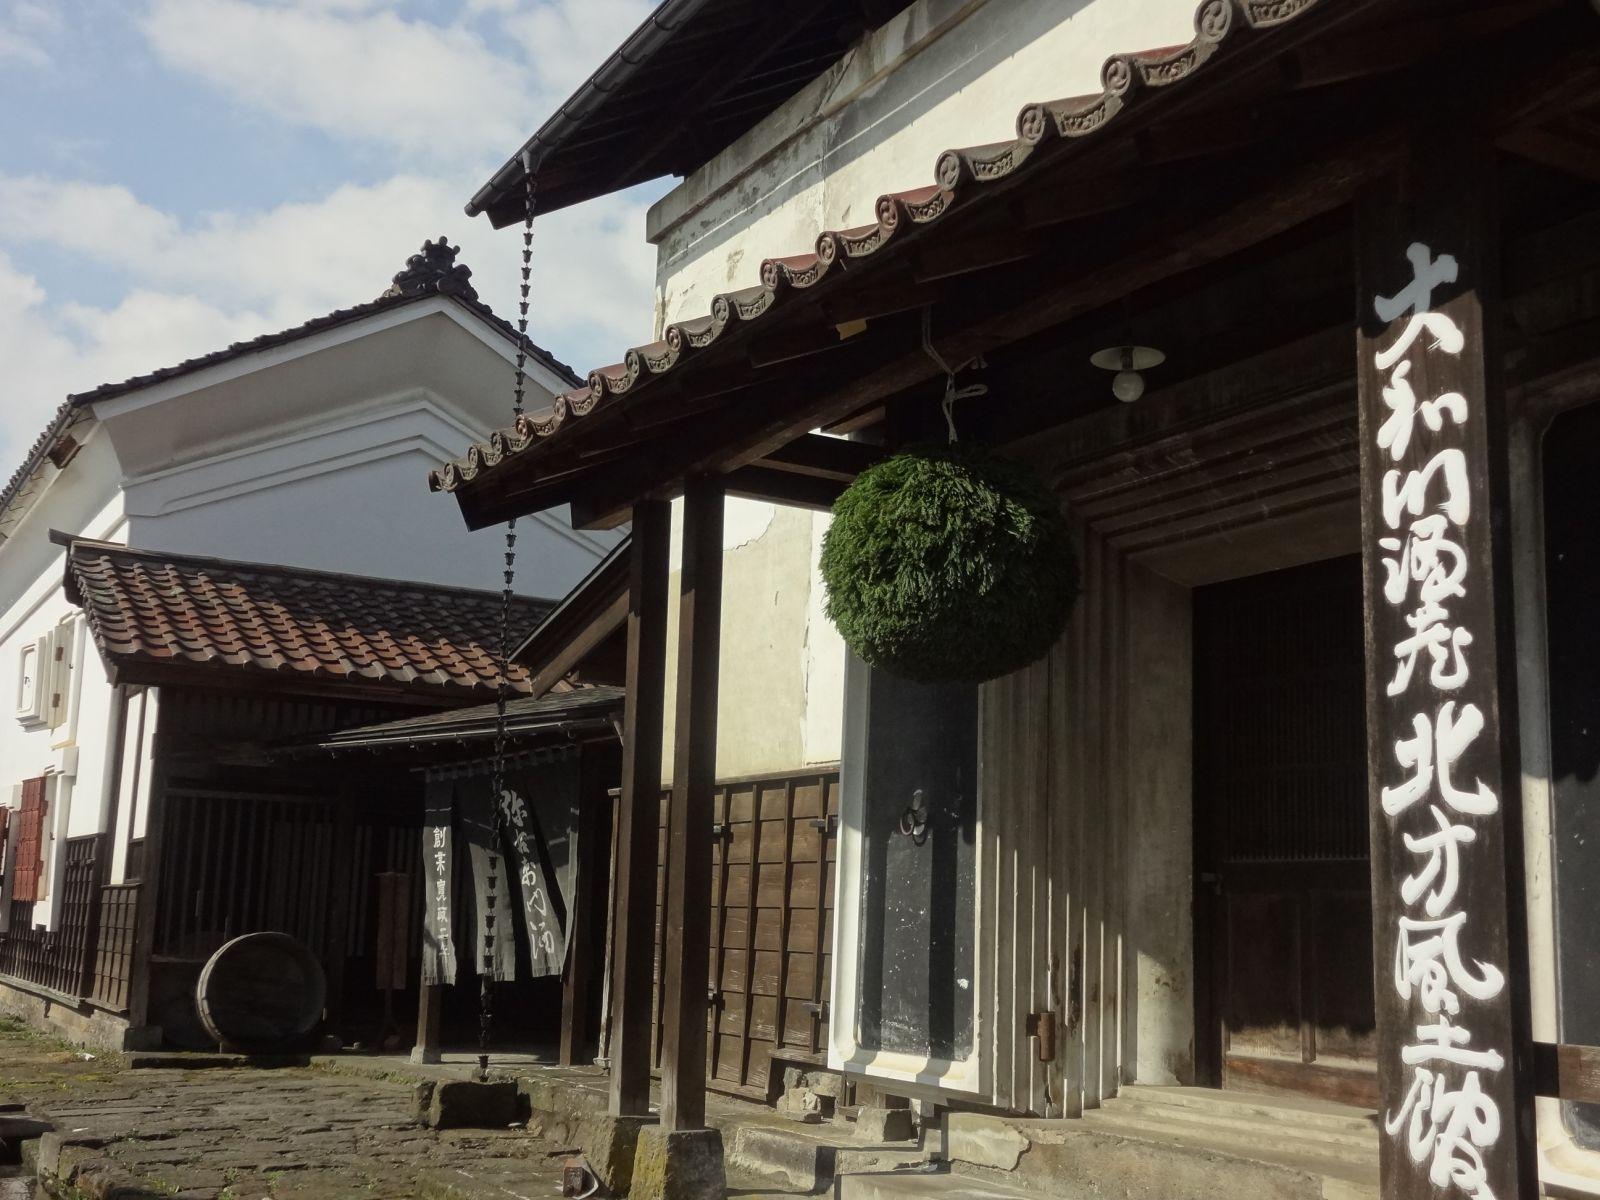 大和川酒蔵北方風土館 昭和蔵